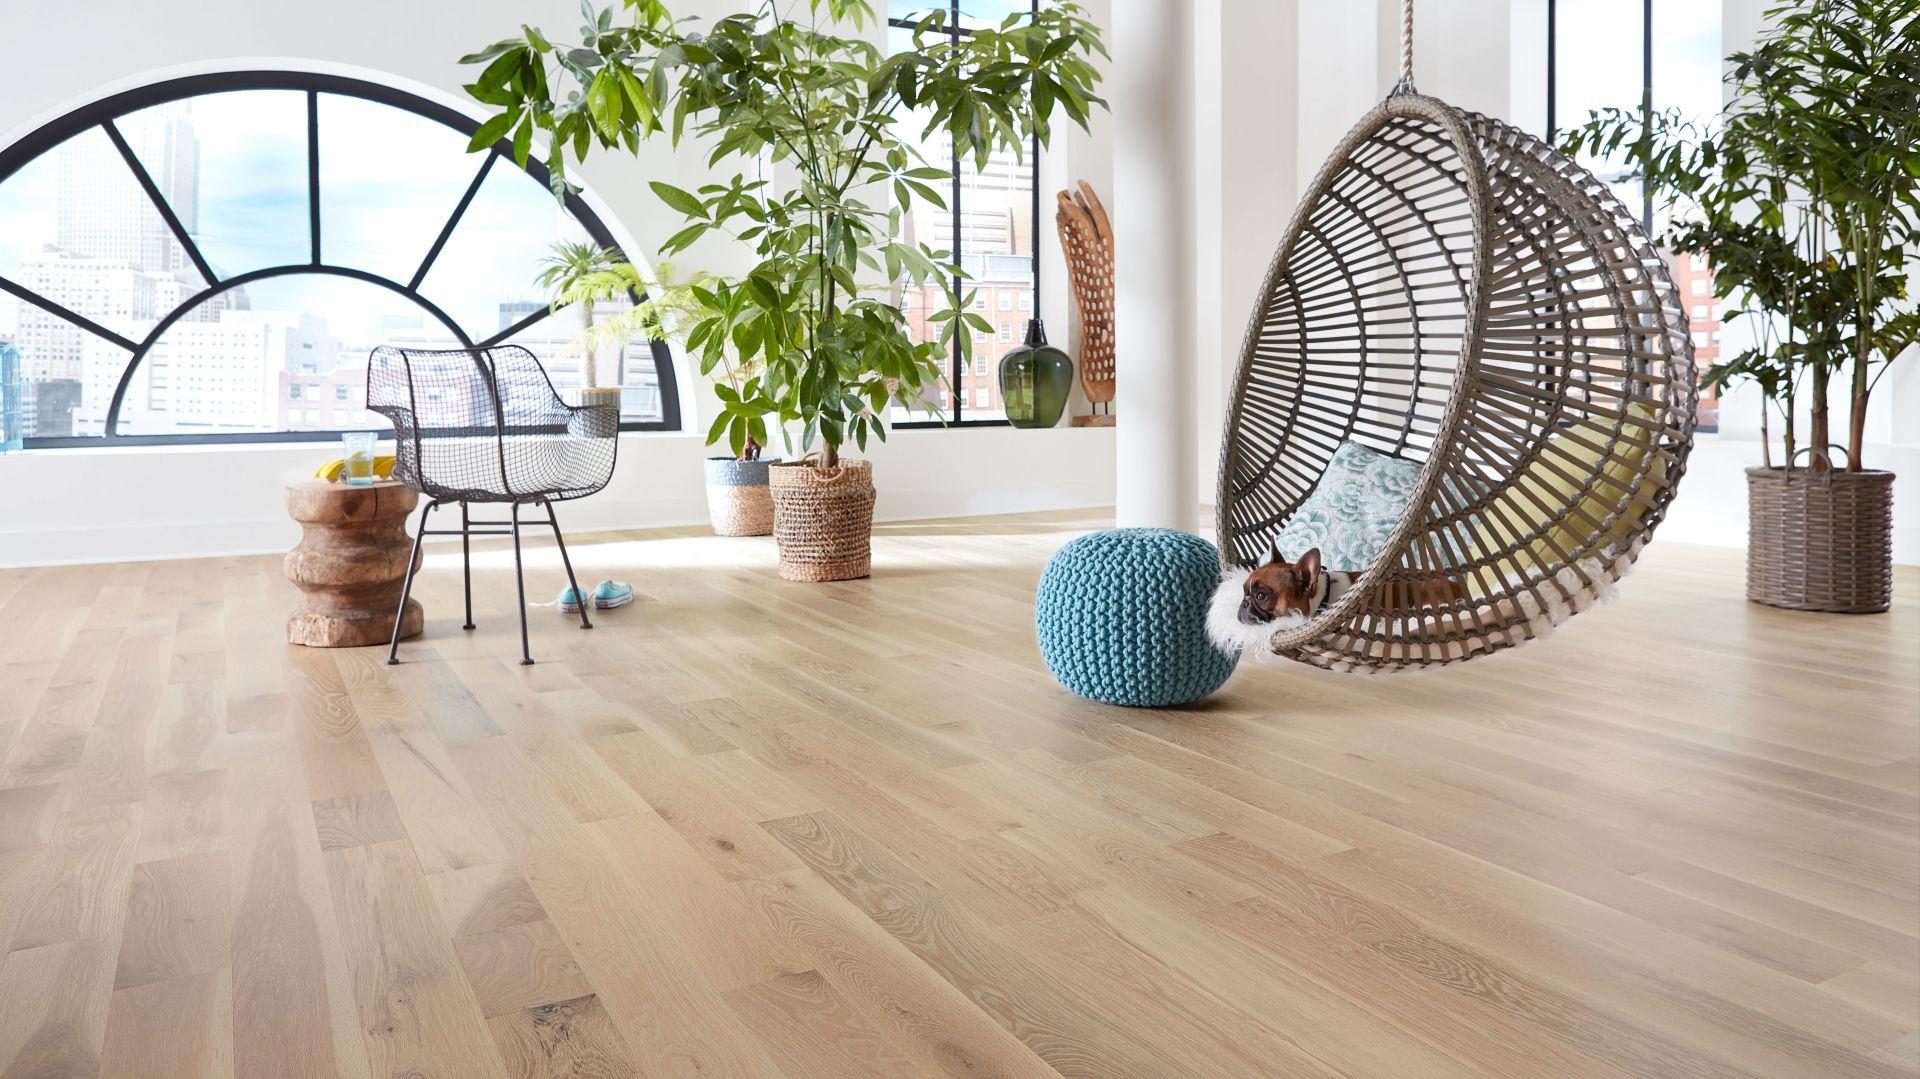 Innowacyjny system olejów Bona wydobywa naturalne piękno drewnianych podłóg i pozwala uwydatnić ich unikalny charakter. Fot. Bona